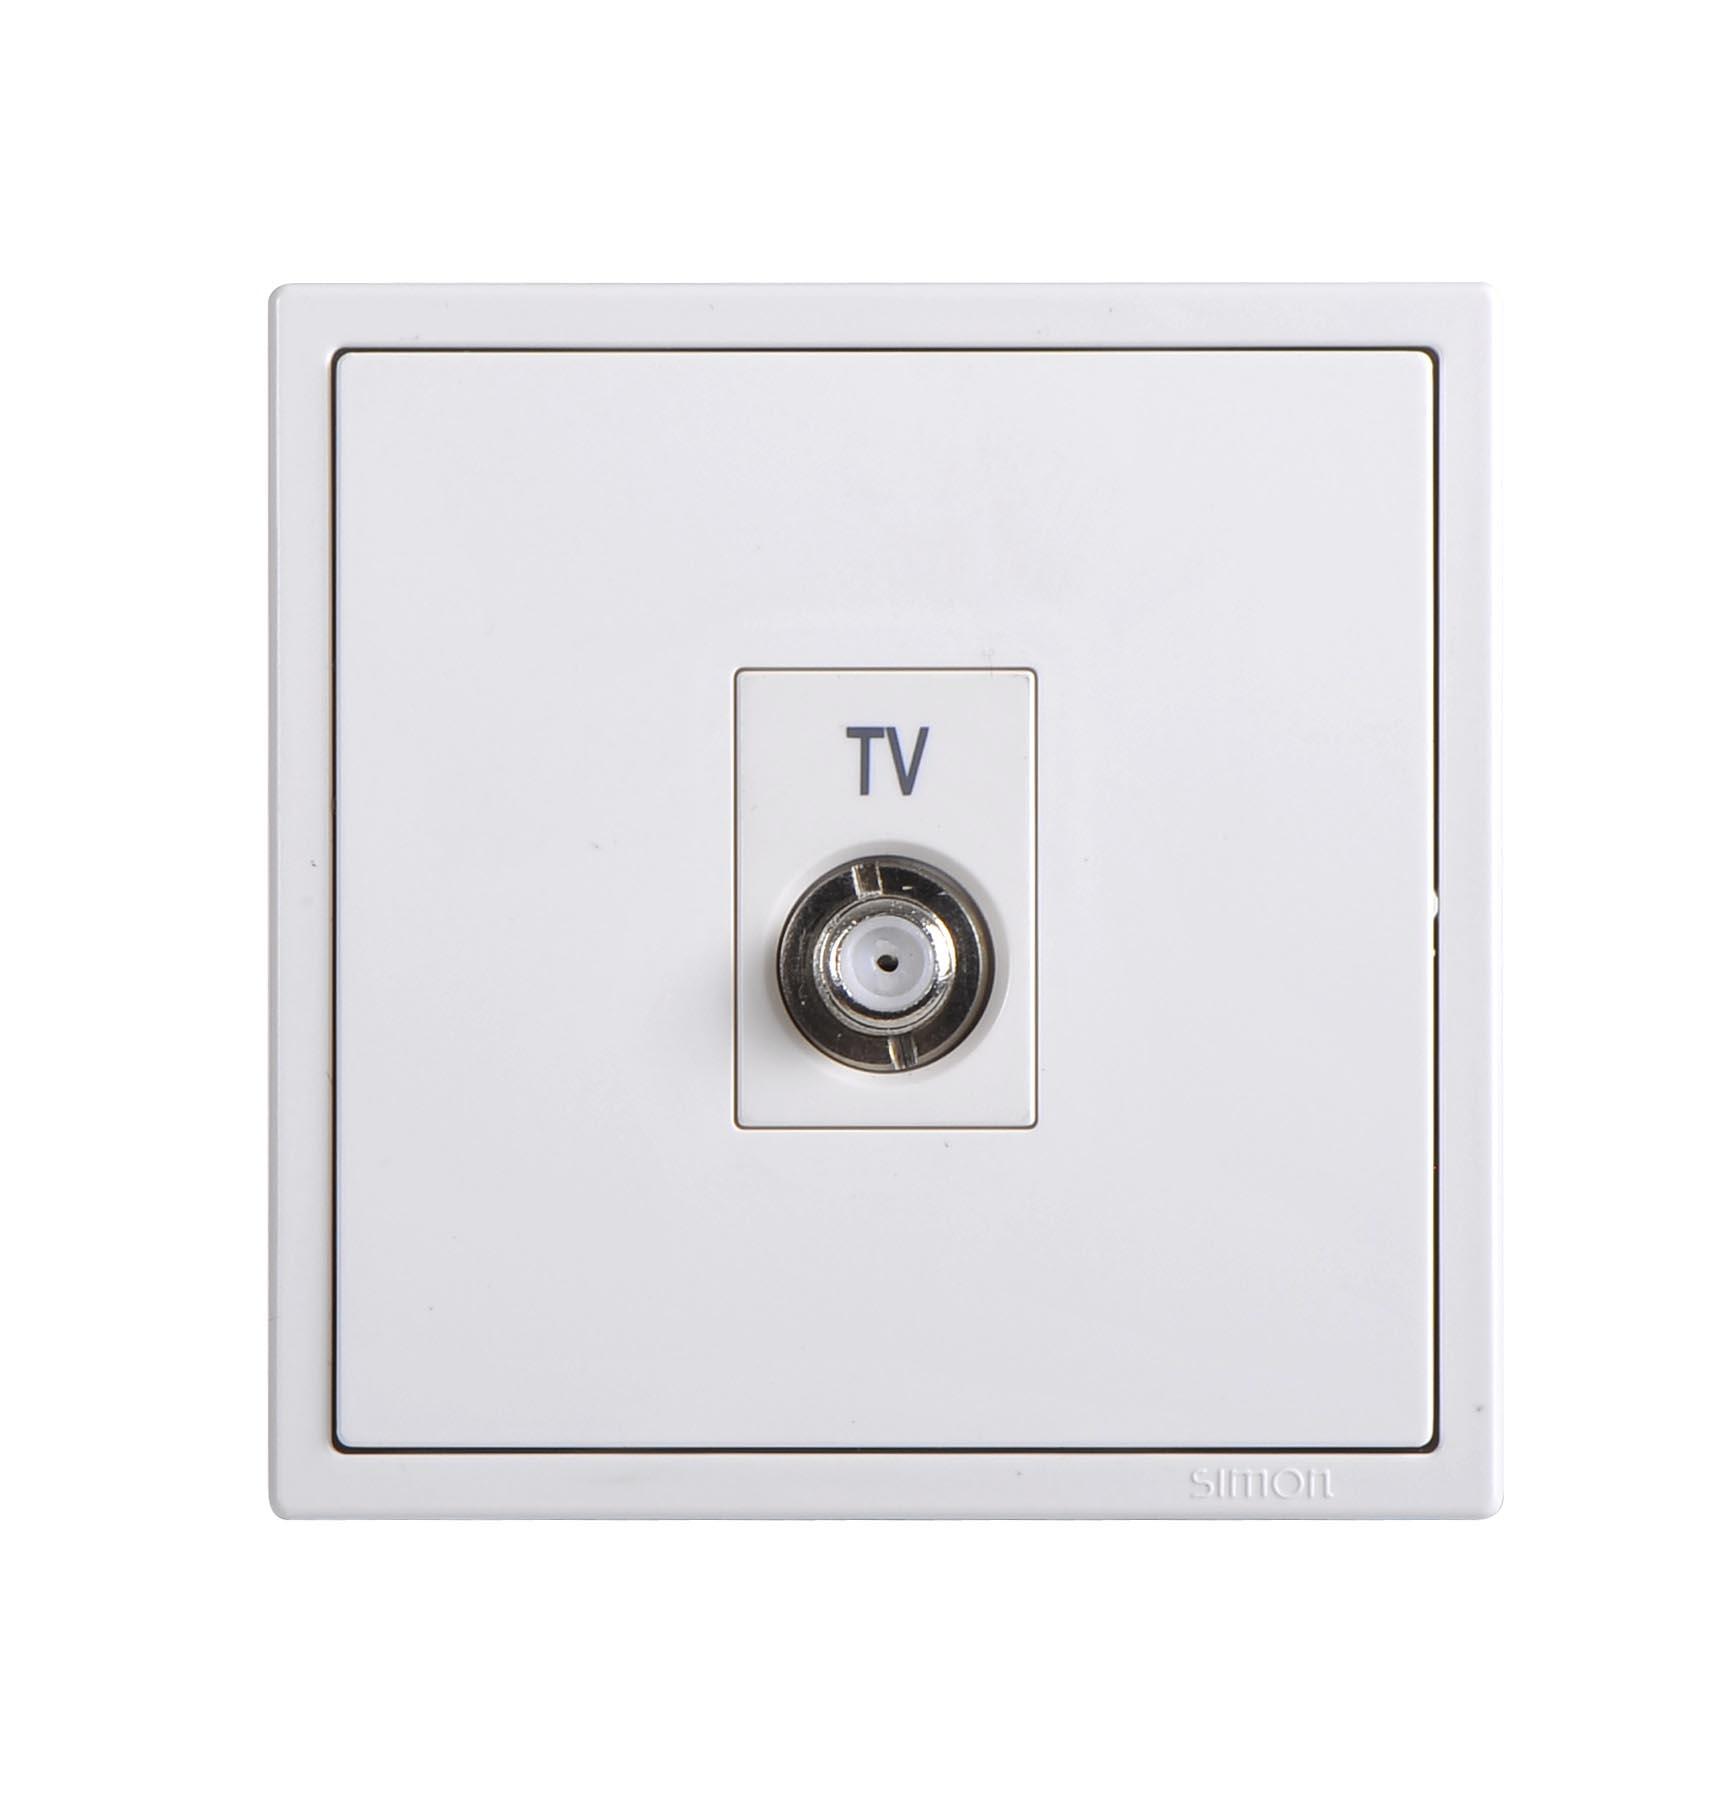 Module ổ cắm TV có chống nhiễu chuẩn F 705114